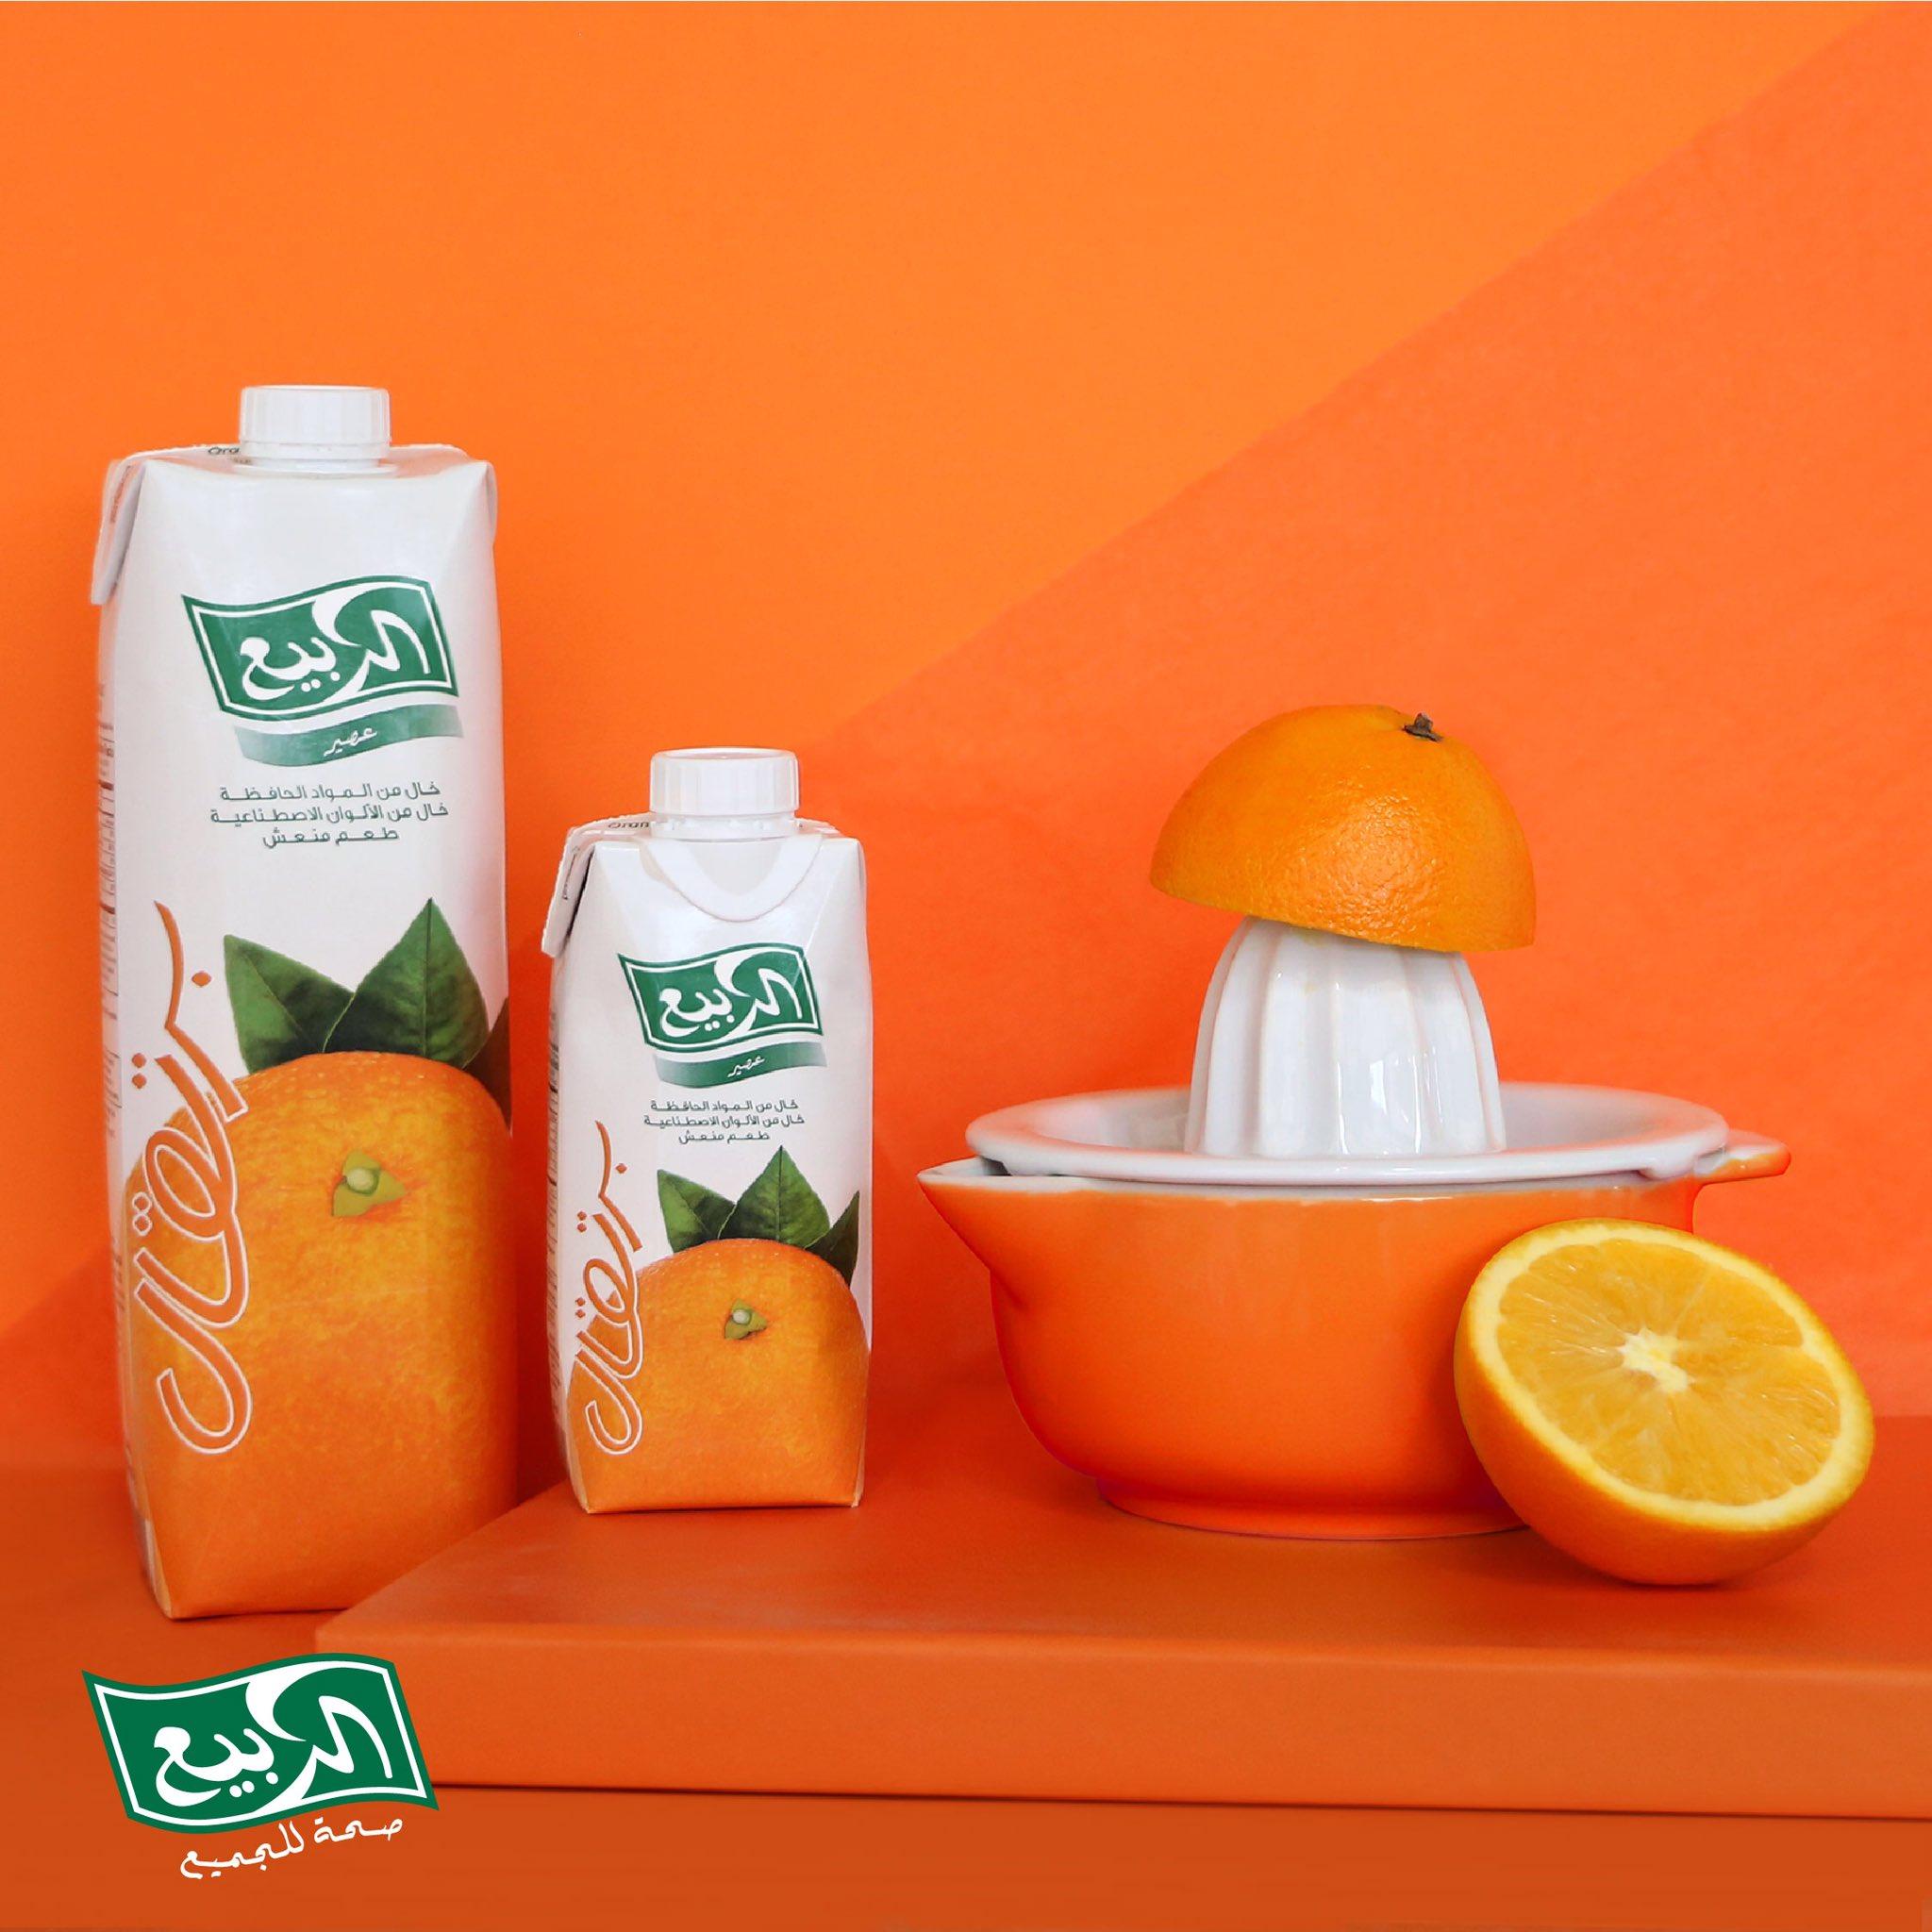 Al Rabie الربيع Auf Twitter تحتاج فيتامين سي في الشتاء عصير البرتقال الطبيعي من الربيع بنفس طعم وفوائد البرتقال الطبيعي Do You Need Vitamin C In Winter Try Al Rabie Orange Juice